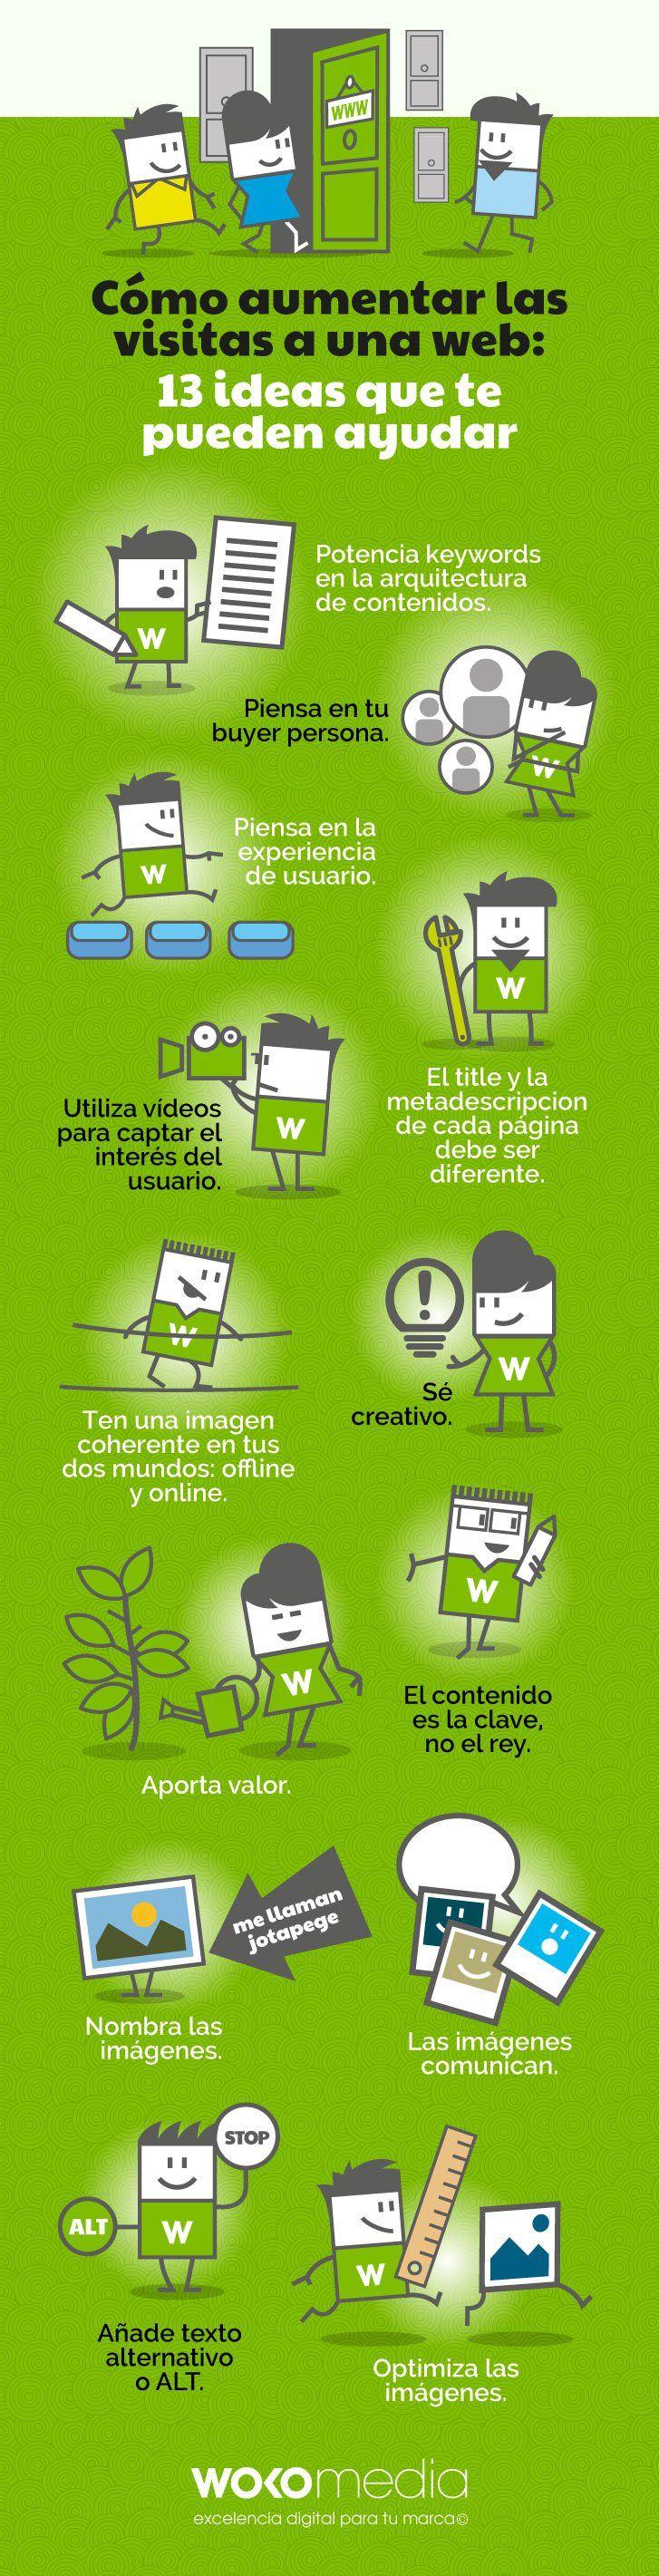 #SEO #Web